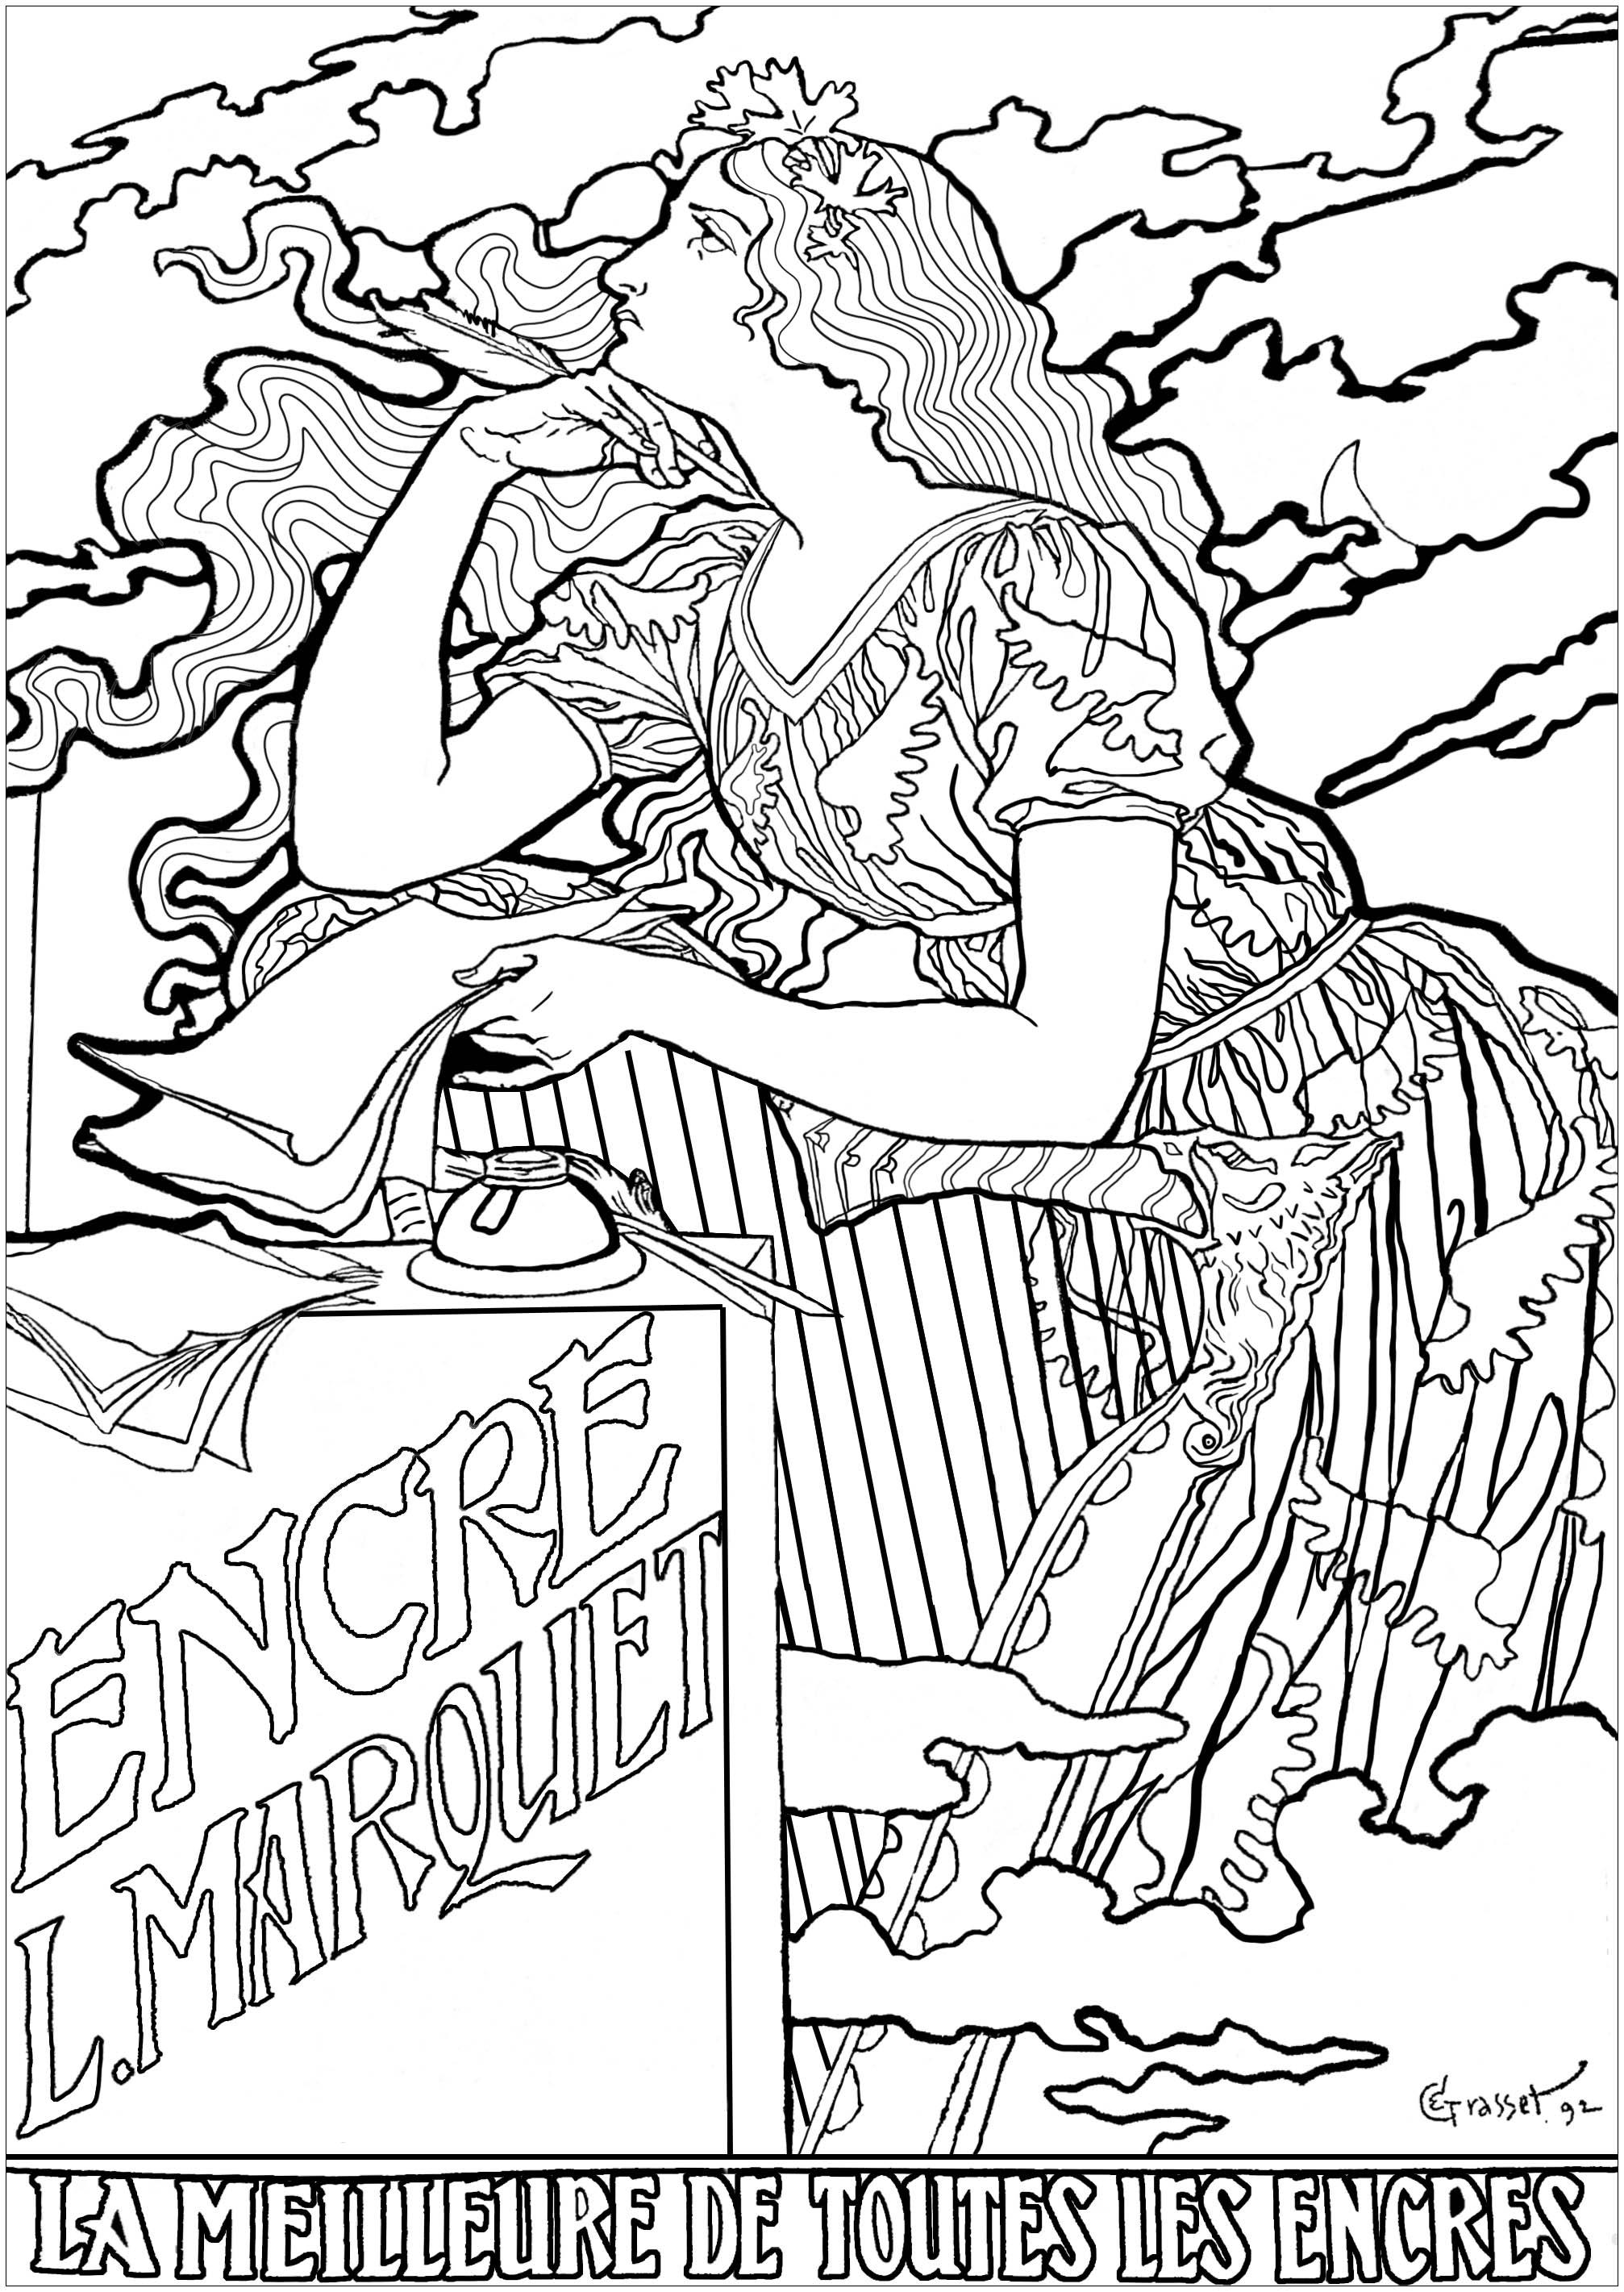 Coloriage réalisé à partir d'une affiche publicitaire de 1892, très représentative du style Art Nouveau, créée par Eugène Grasset pour une marque d'encre